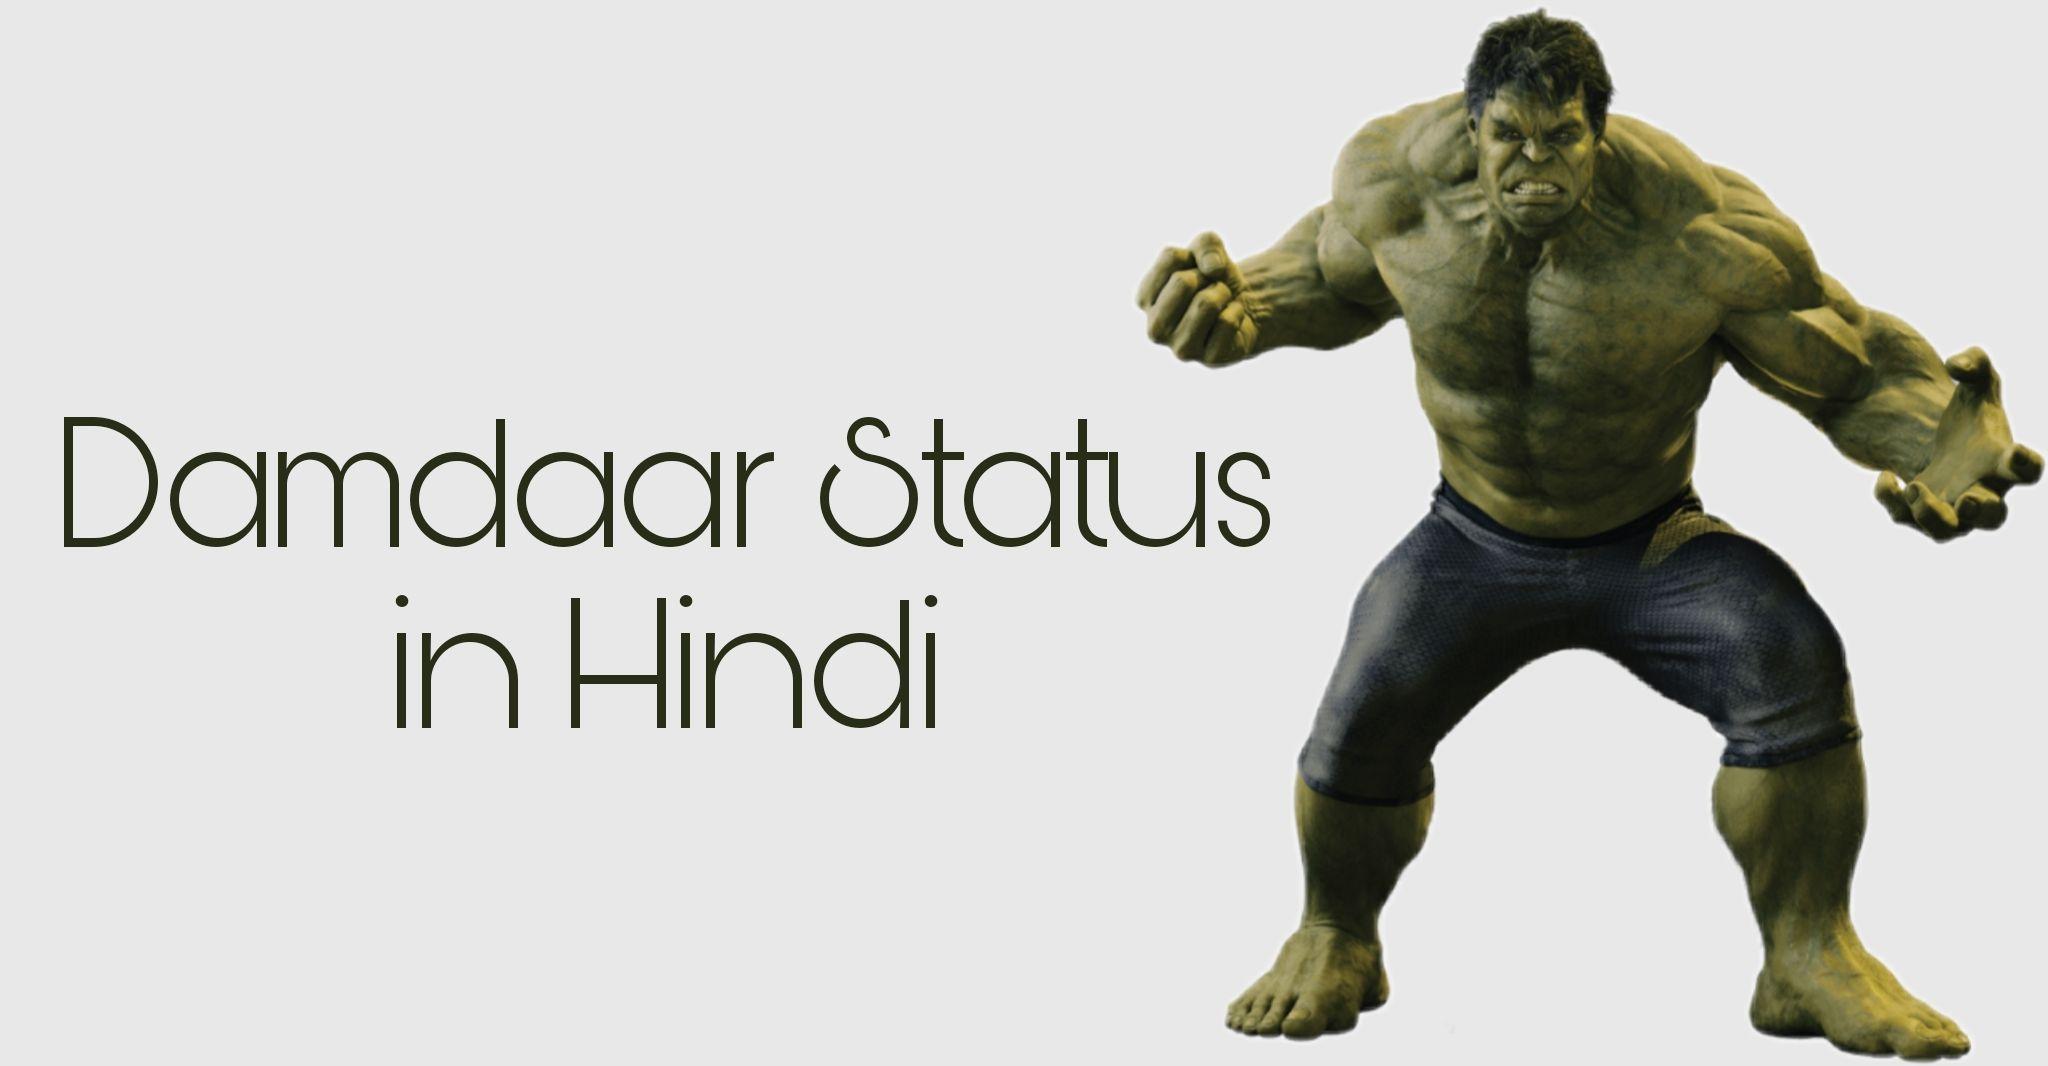 बेस्ट दमदार स्टेटस इन हिंदी, दमदार स्टेटस हिंदी  Attitude Status, Badmashi Status जोशीला स्टेटस